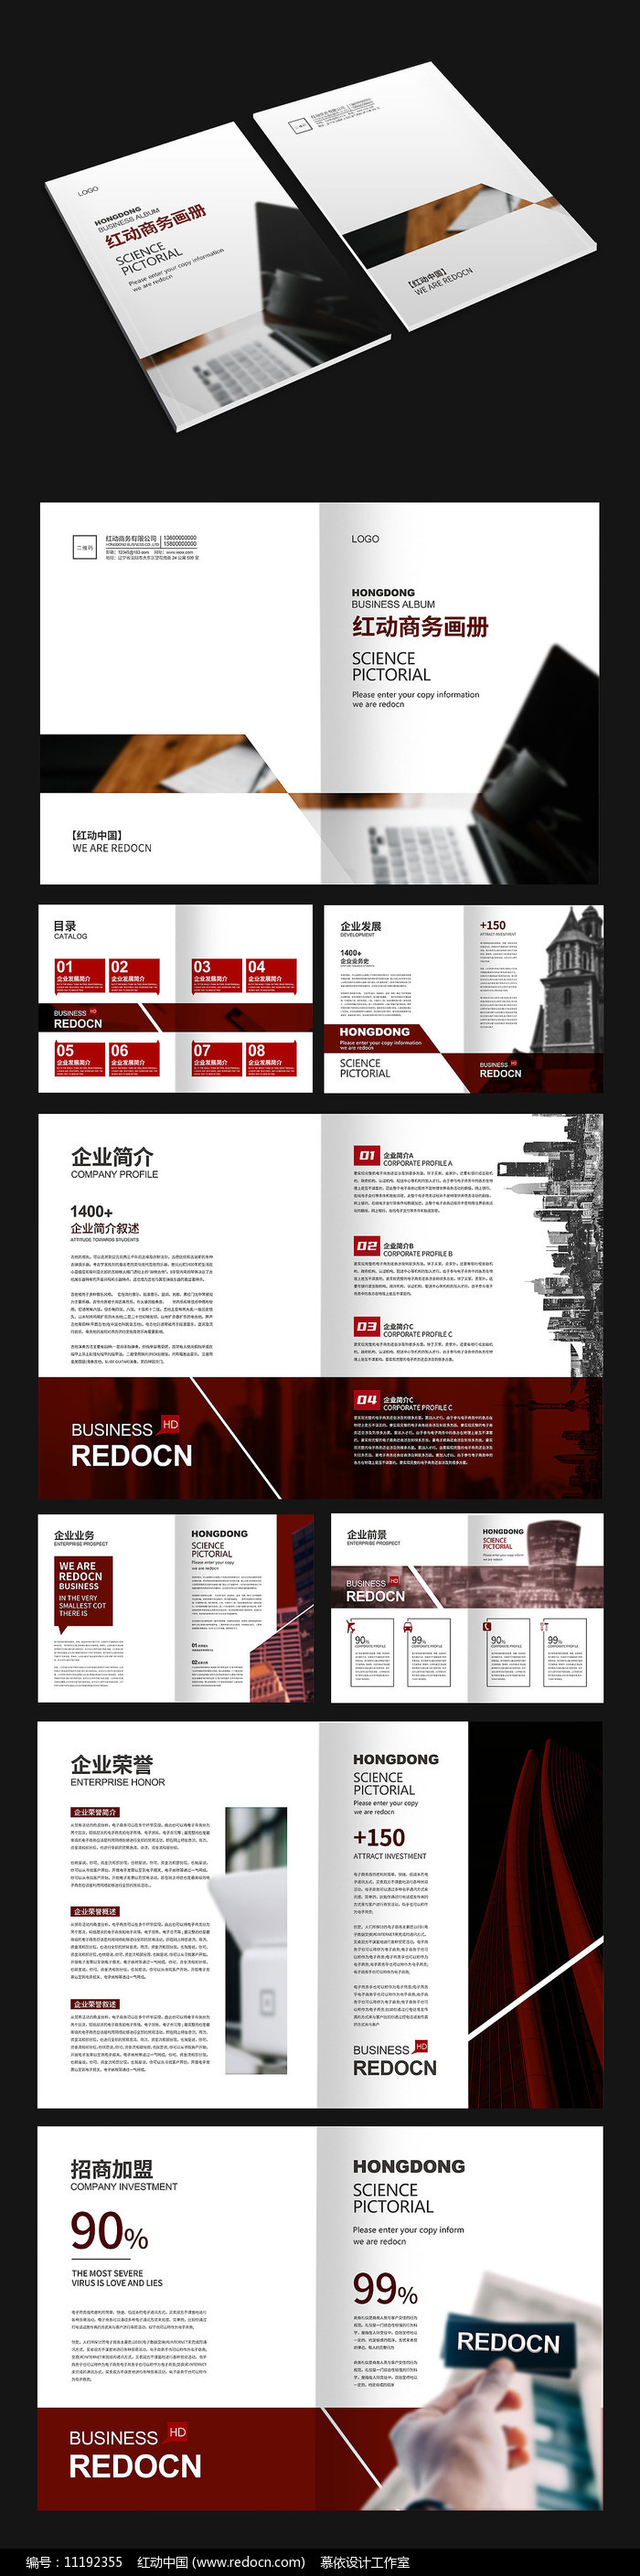 红色商务画册图片